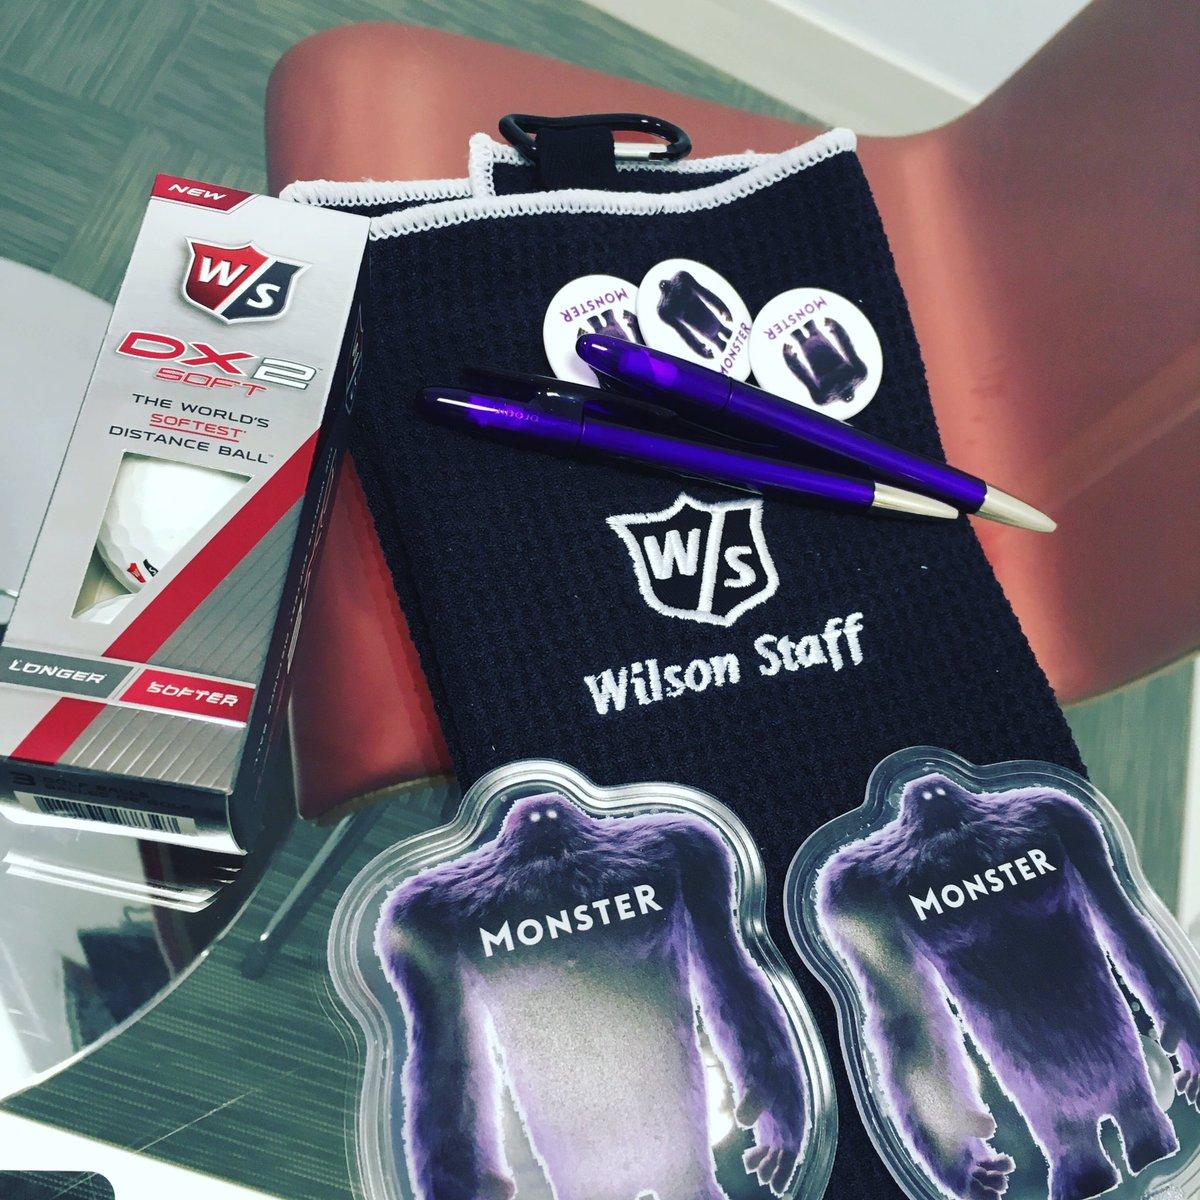 Sympa les goodies de chez @MonsterFrance juste ce qu&#39;il faut pour se chauffer les mains et jouer au #golf !!! Encore merci @AuroreMizon :D<br>http://pic.twitter.com/eOyjXb1u4d